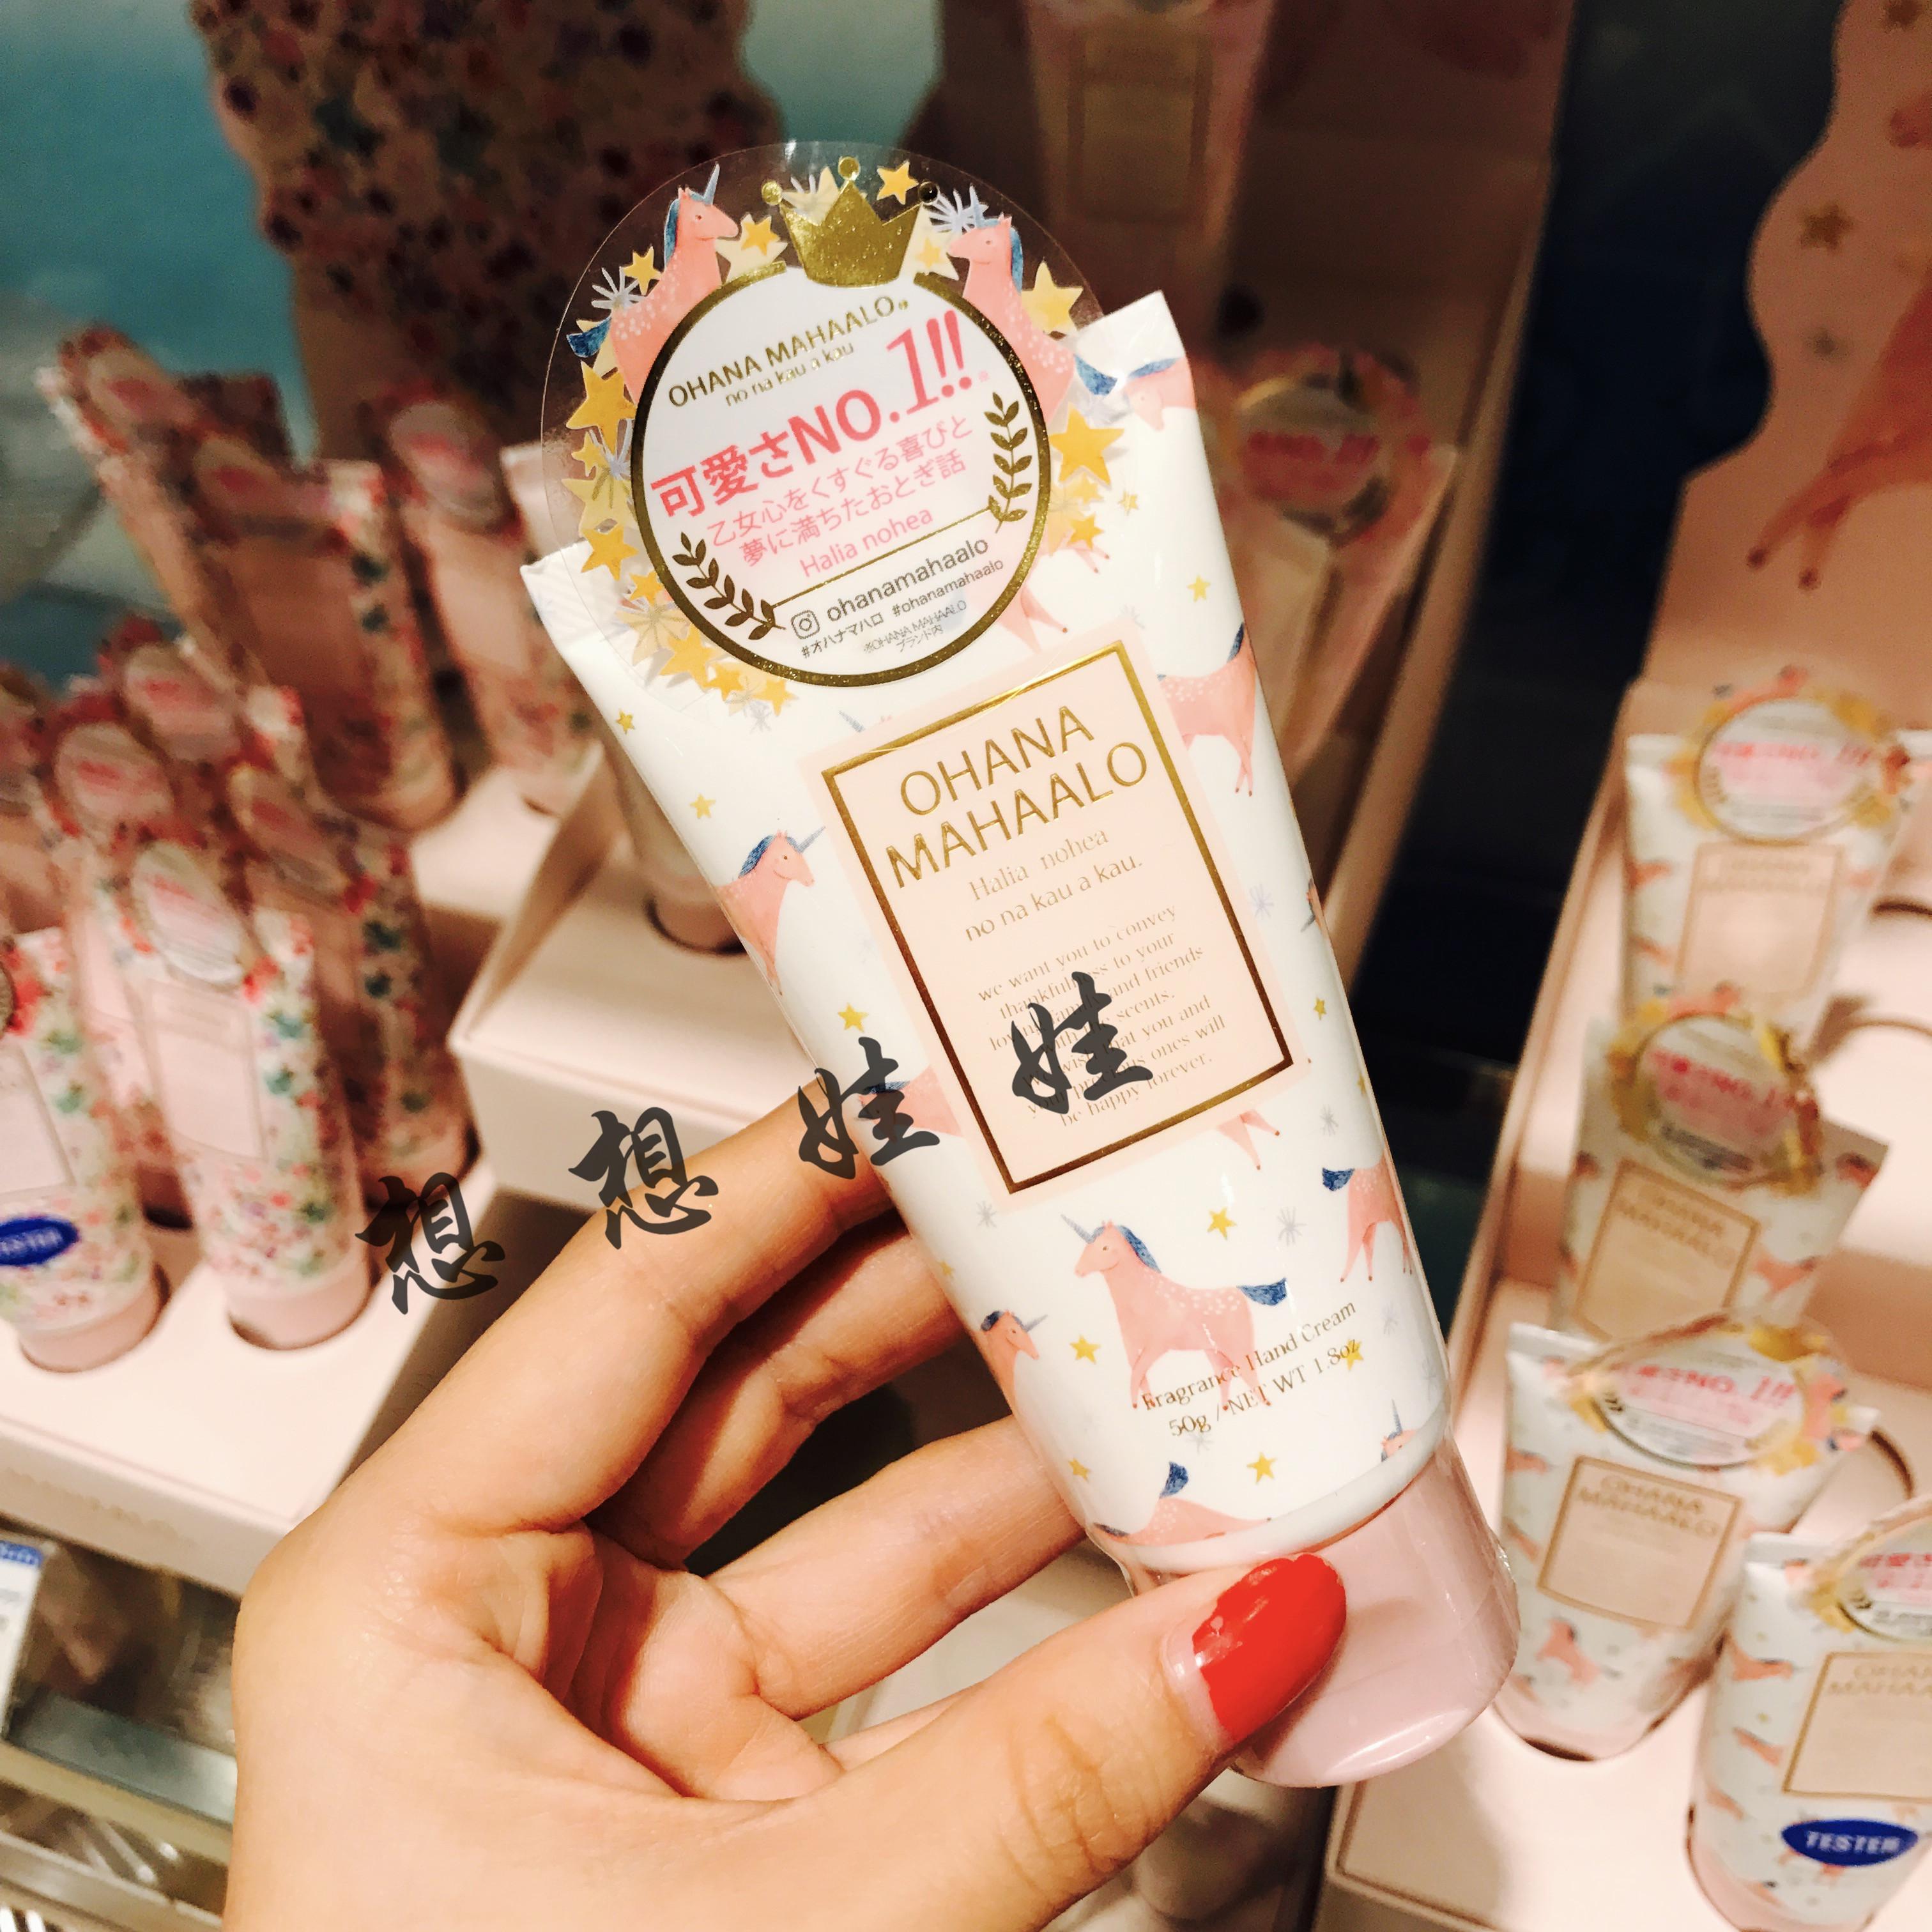 Spot Japan OHANA MAHAALO Meng Department Niche Light Perfume Moisturizing Tender Hand Cream 50g